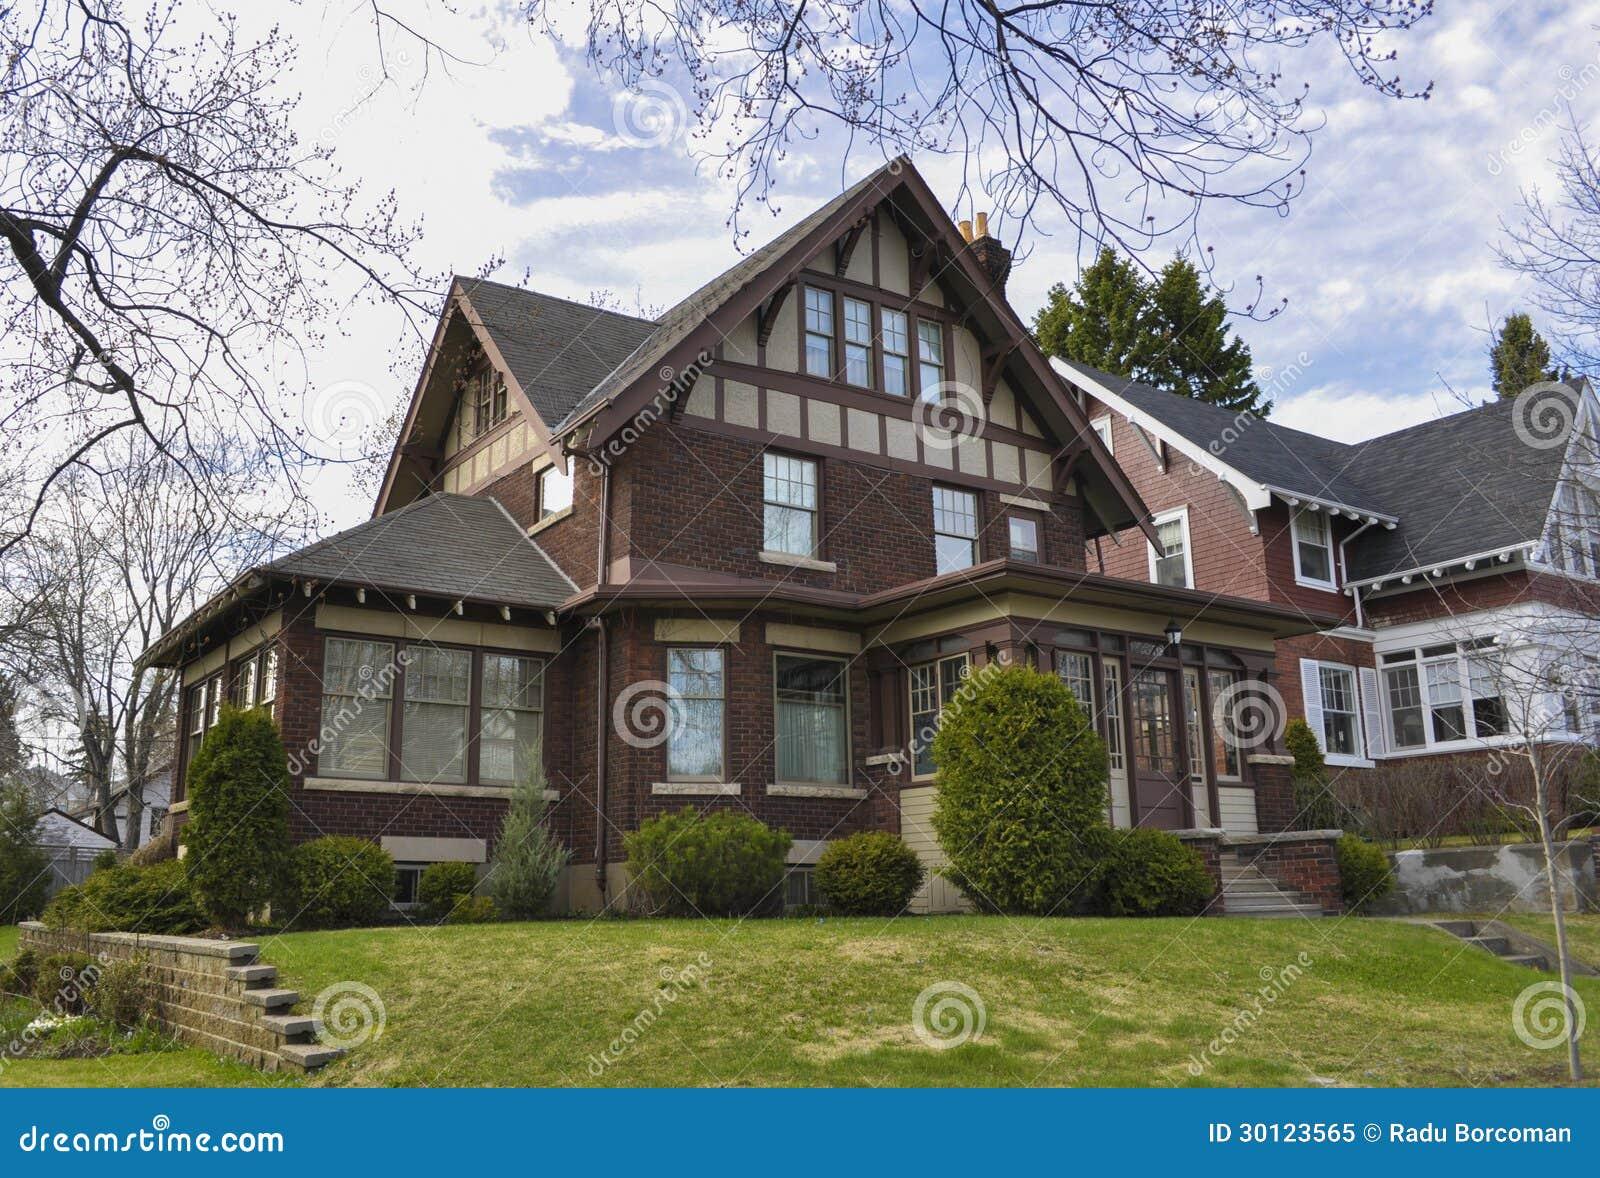 maison riche de brique photo libre de droits image 30123565. Black Bedroom Furniture Sets. Home Design Ideas